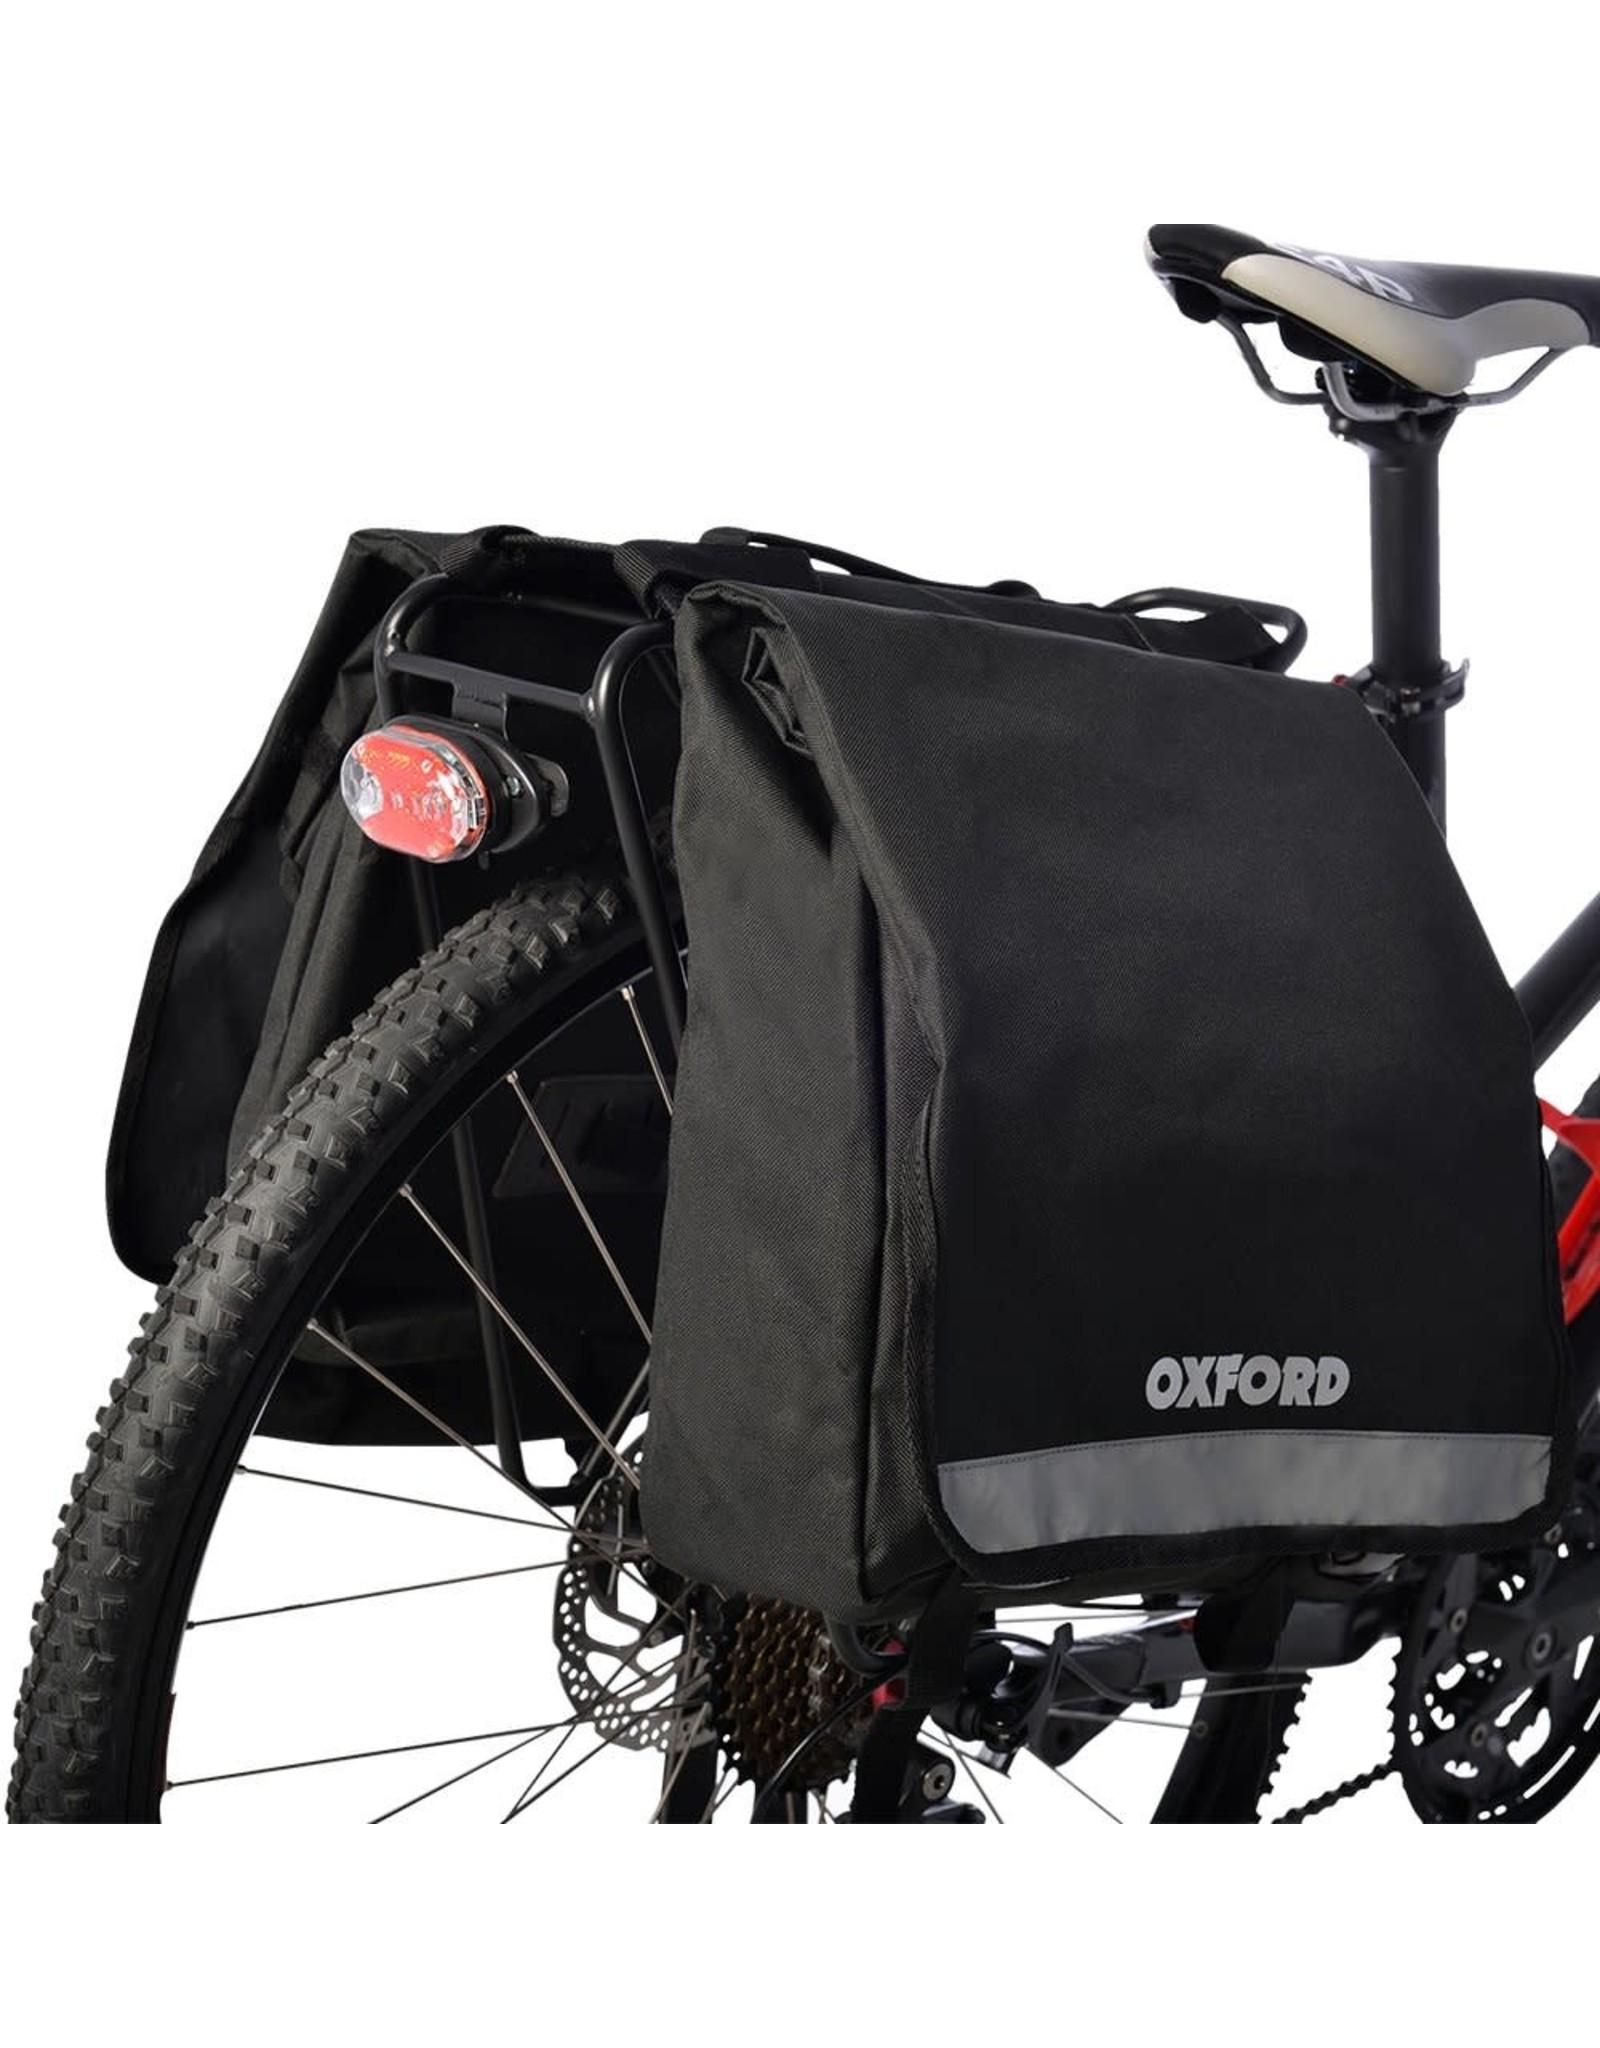 OXFORD C20 DOUBLE PANNIER BAG 20L